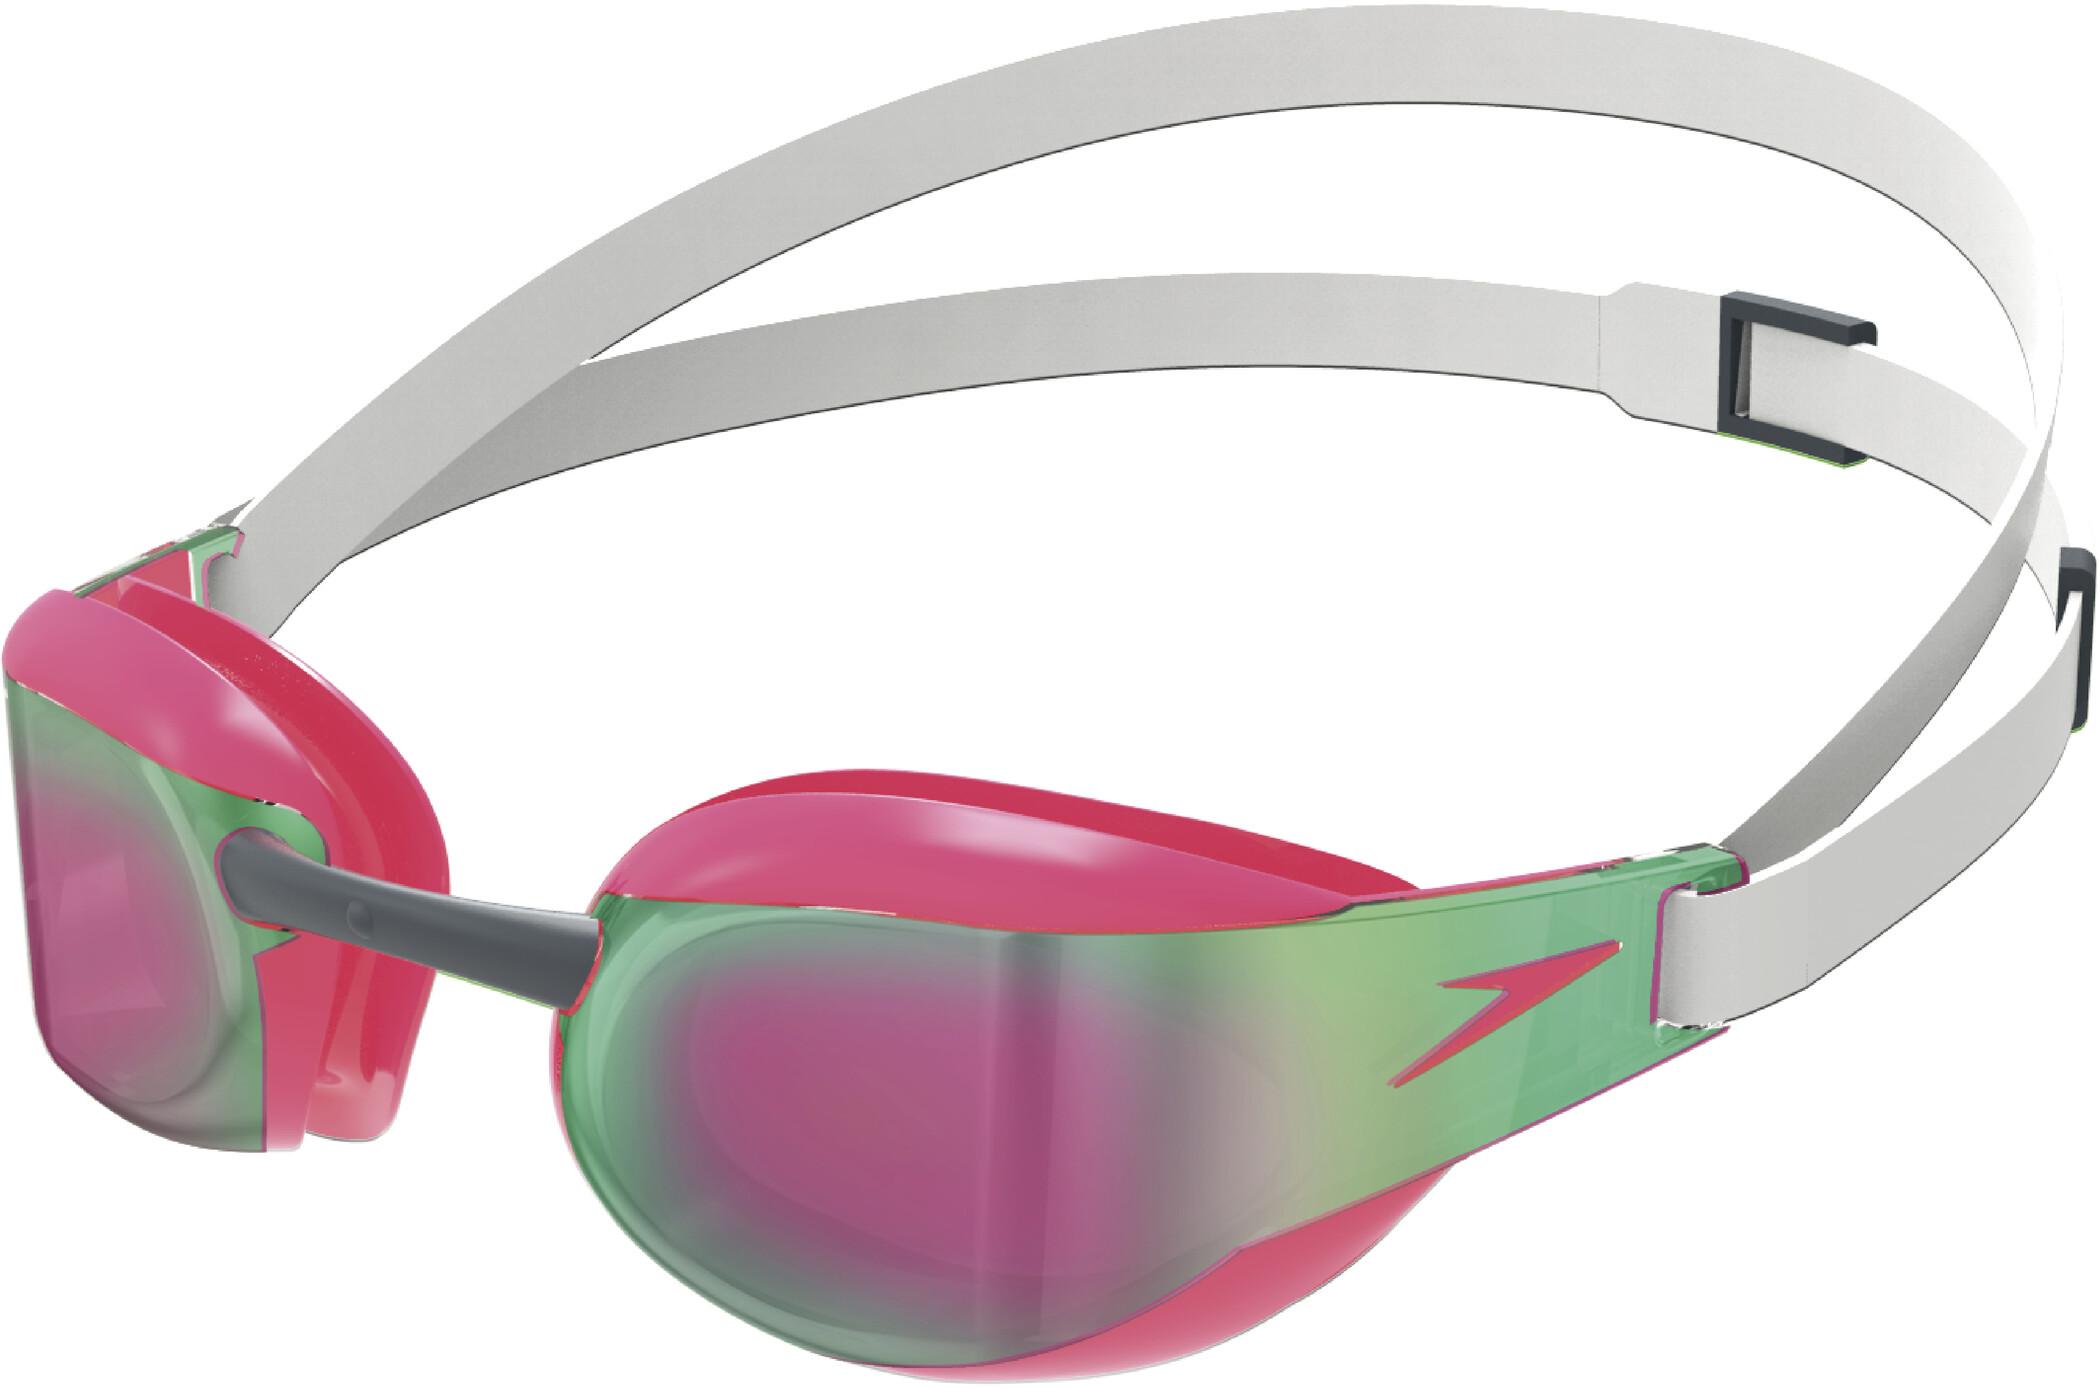 speedo Fastskin Elite Mirror Svømmebriller, white/red (2019) | swim_clothes